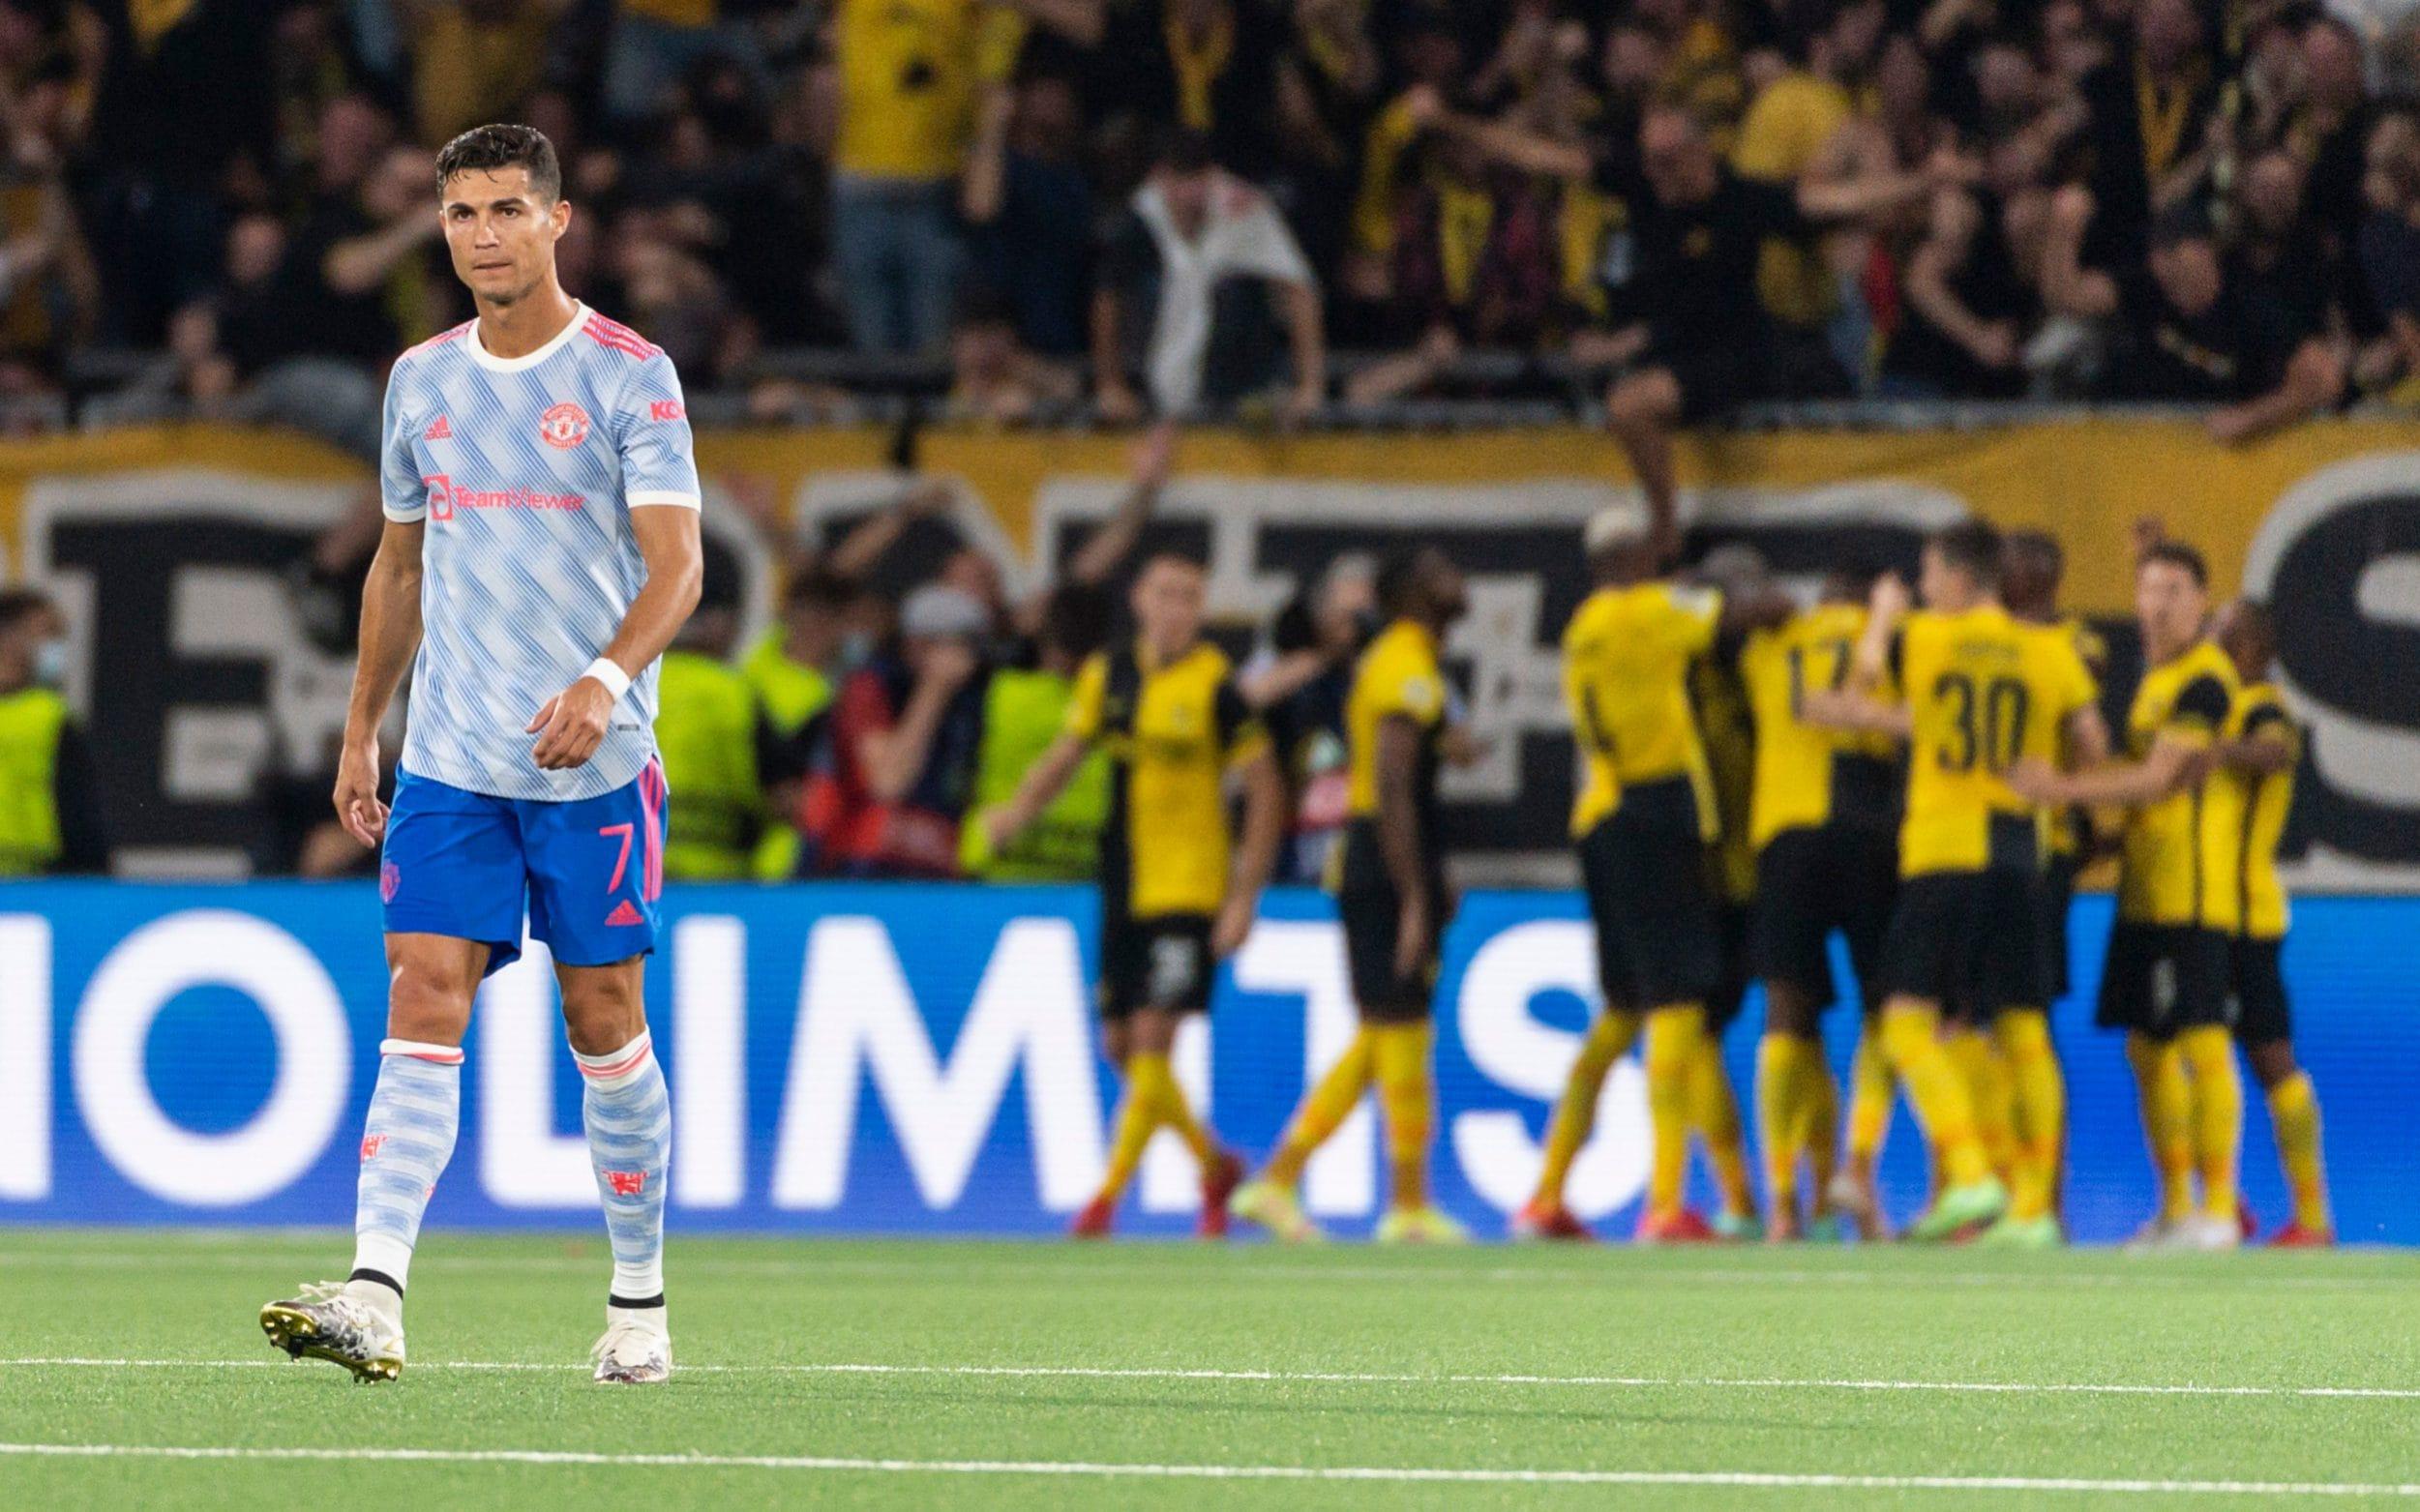 10 thống kê Young Boys 2-1 M.U: Ronaldo san bằng 2 kỷ lục; Ký ức Nani hiện về - ảnh 3